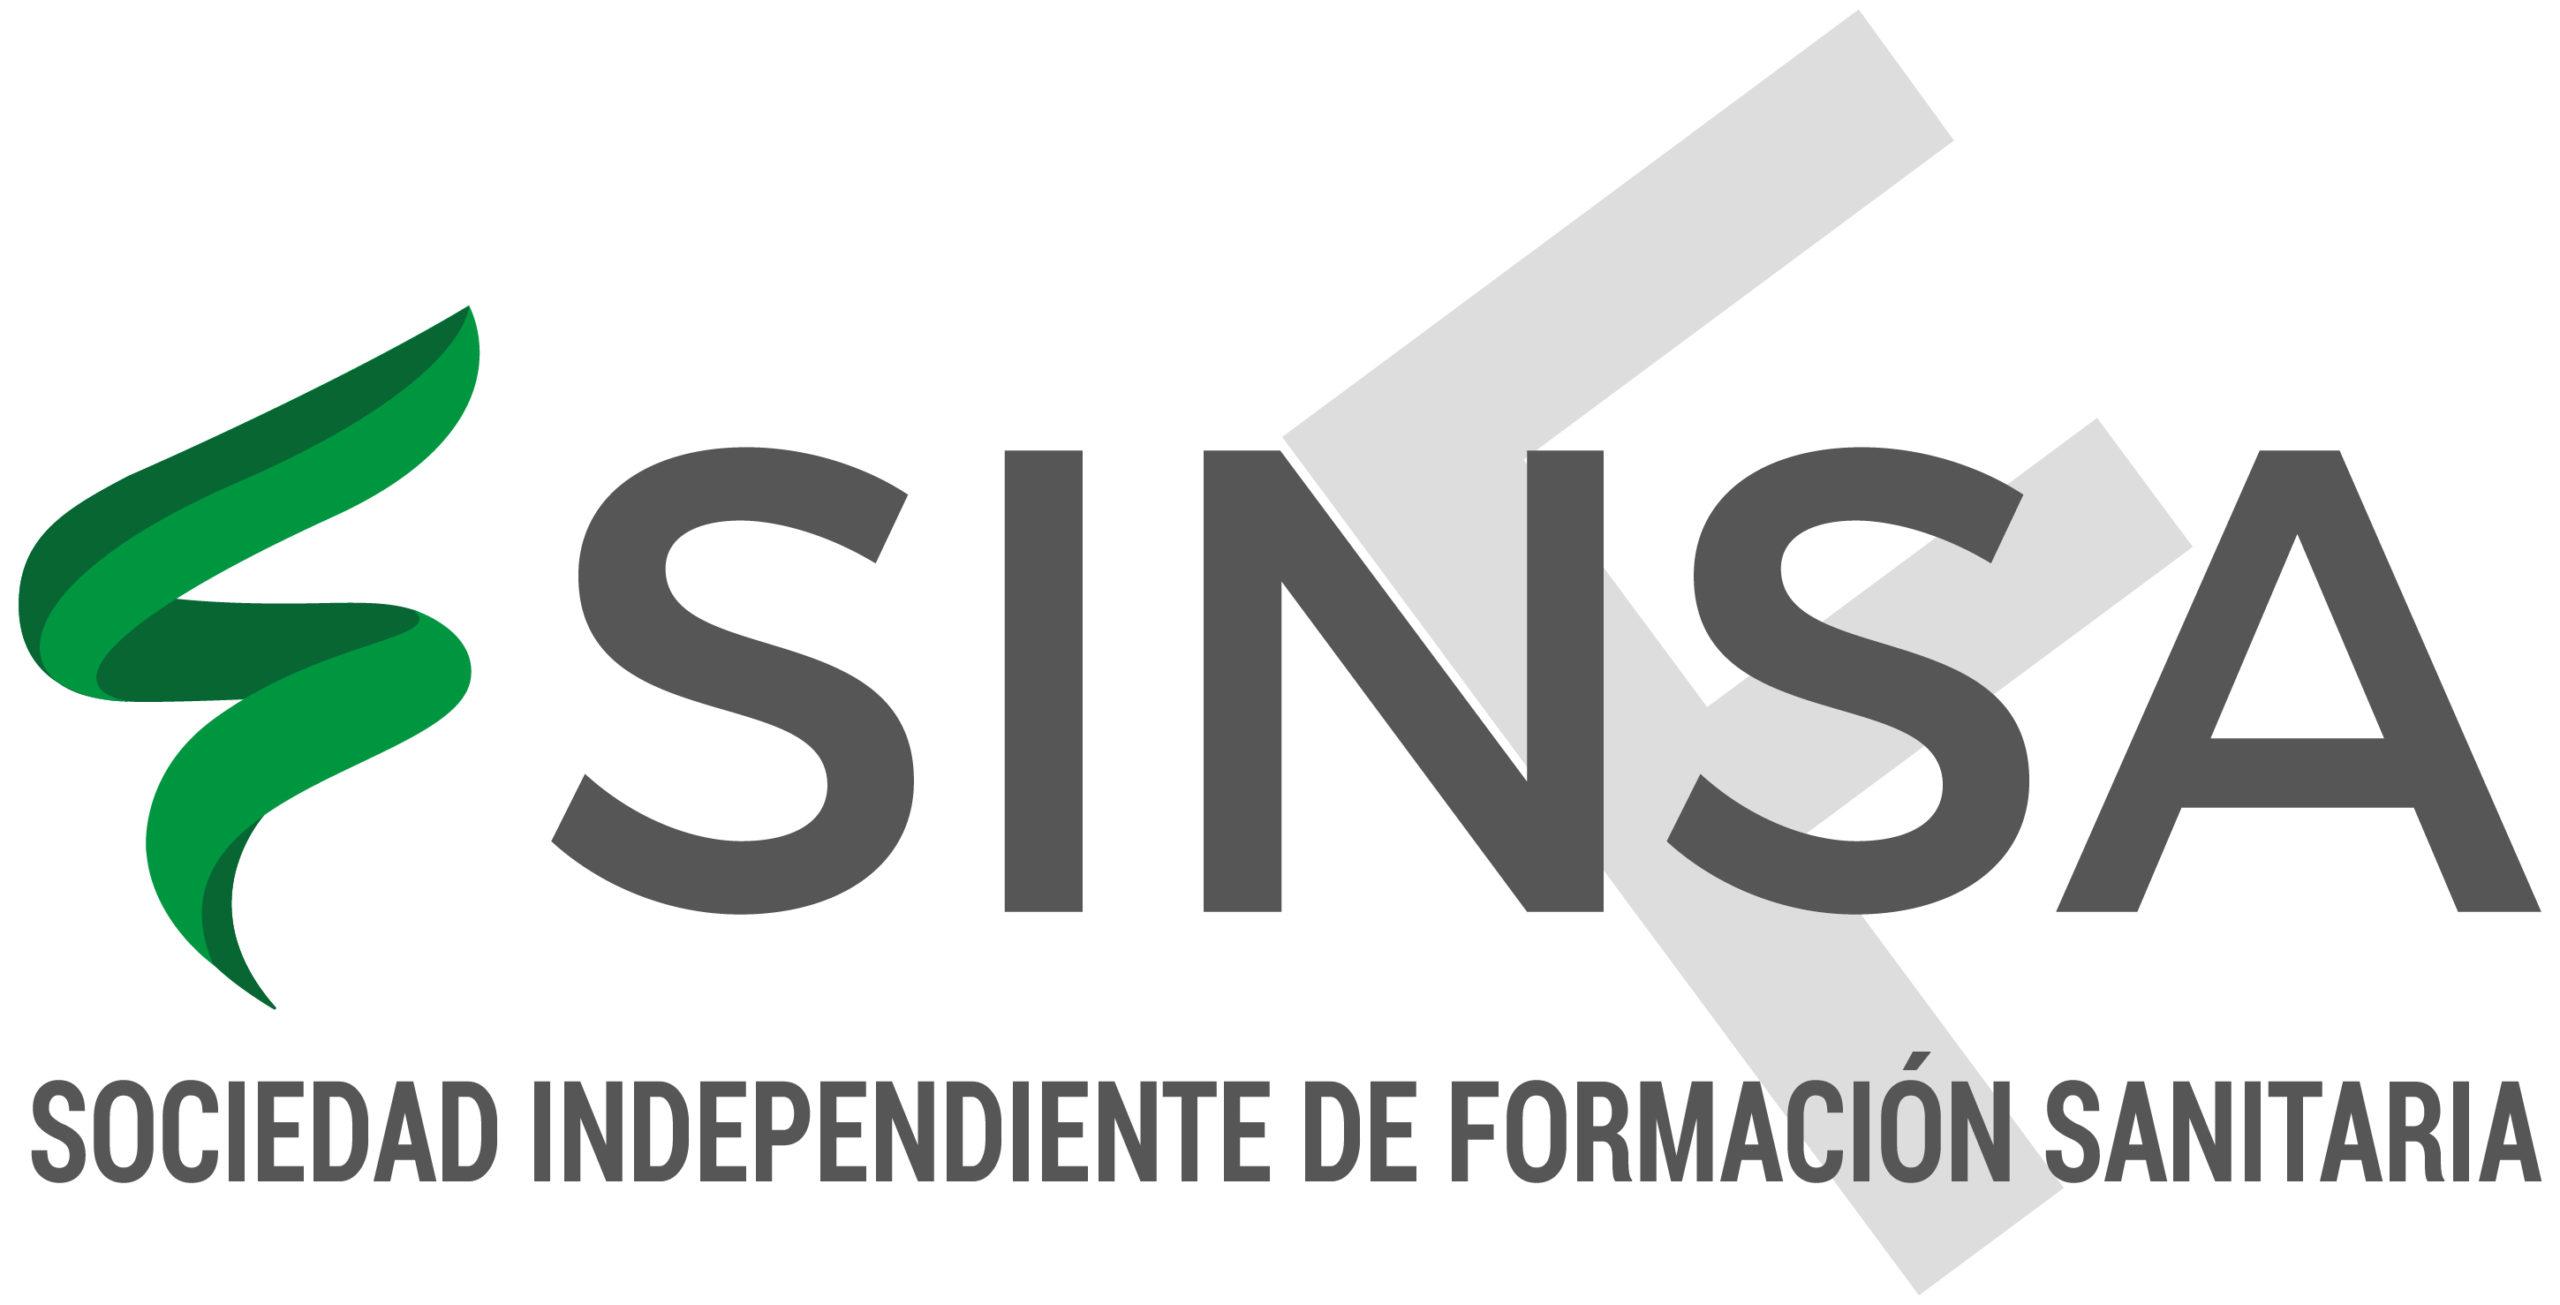 CURSOS SINFSA